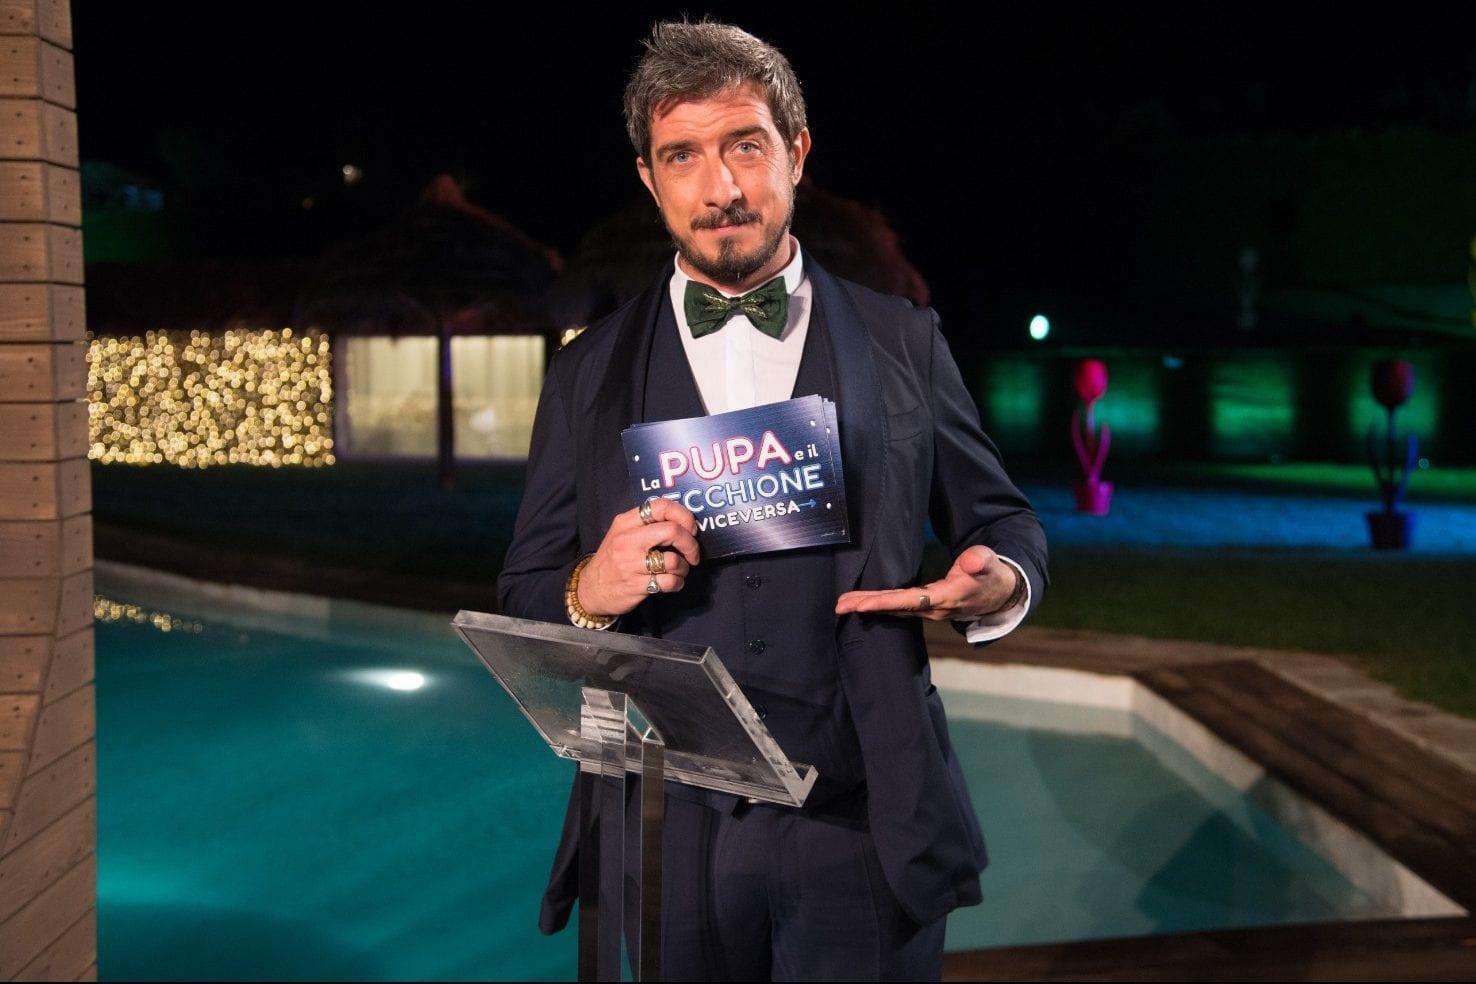 Live martedì 18 febbraio 2020: La Pupa e il Secchione e viceversa ultima puntata, con Paolo Ruffini su Italia 1, prodotto da EndemolShine Italy